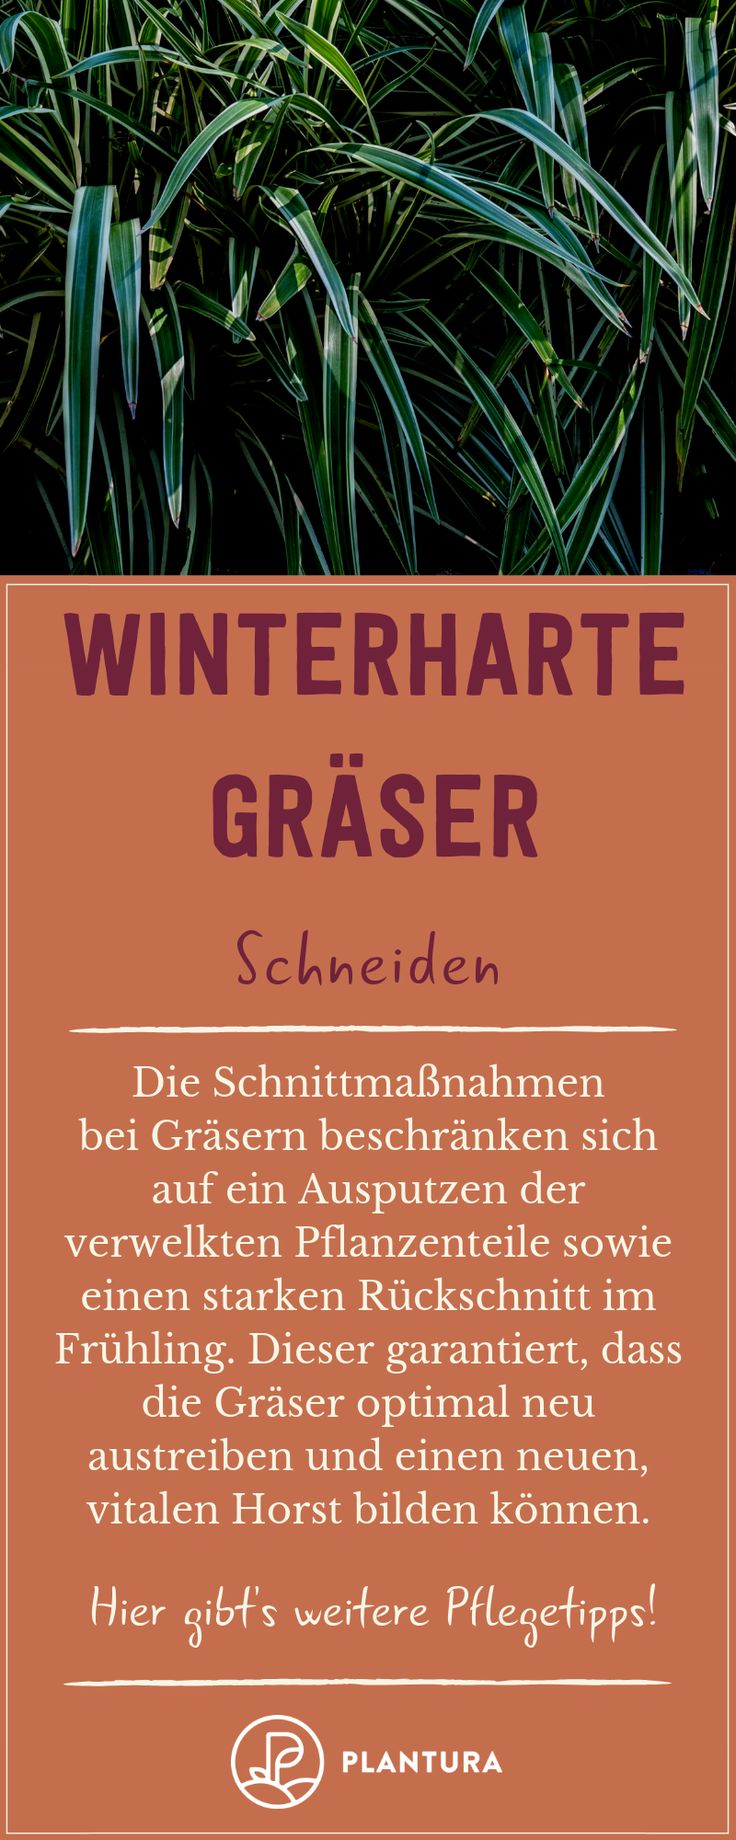 Winterharte Gru00e4ser: Auswahl & Vielfalt Gru00…